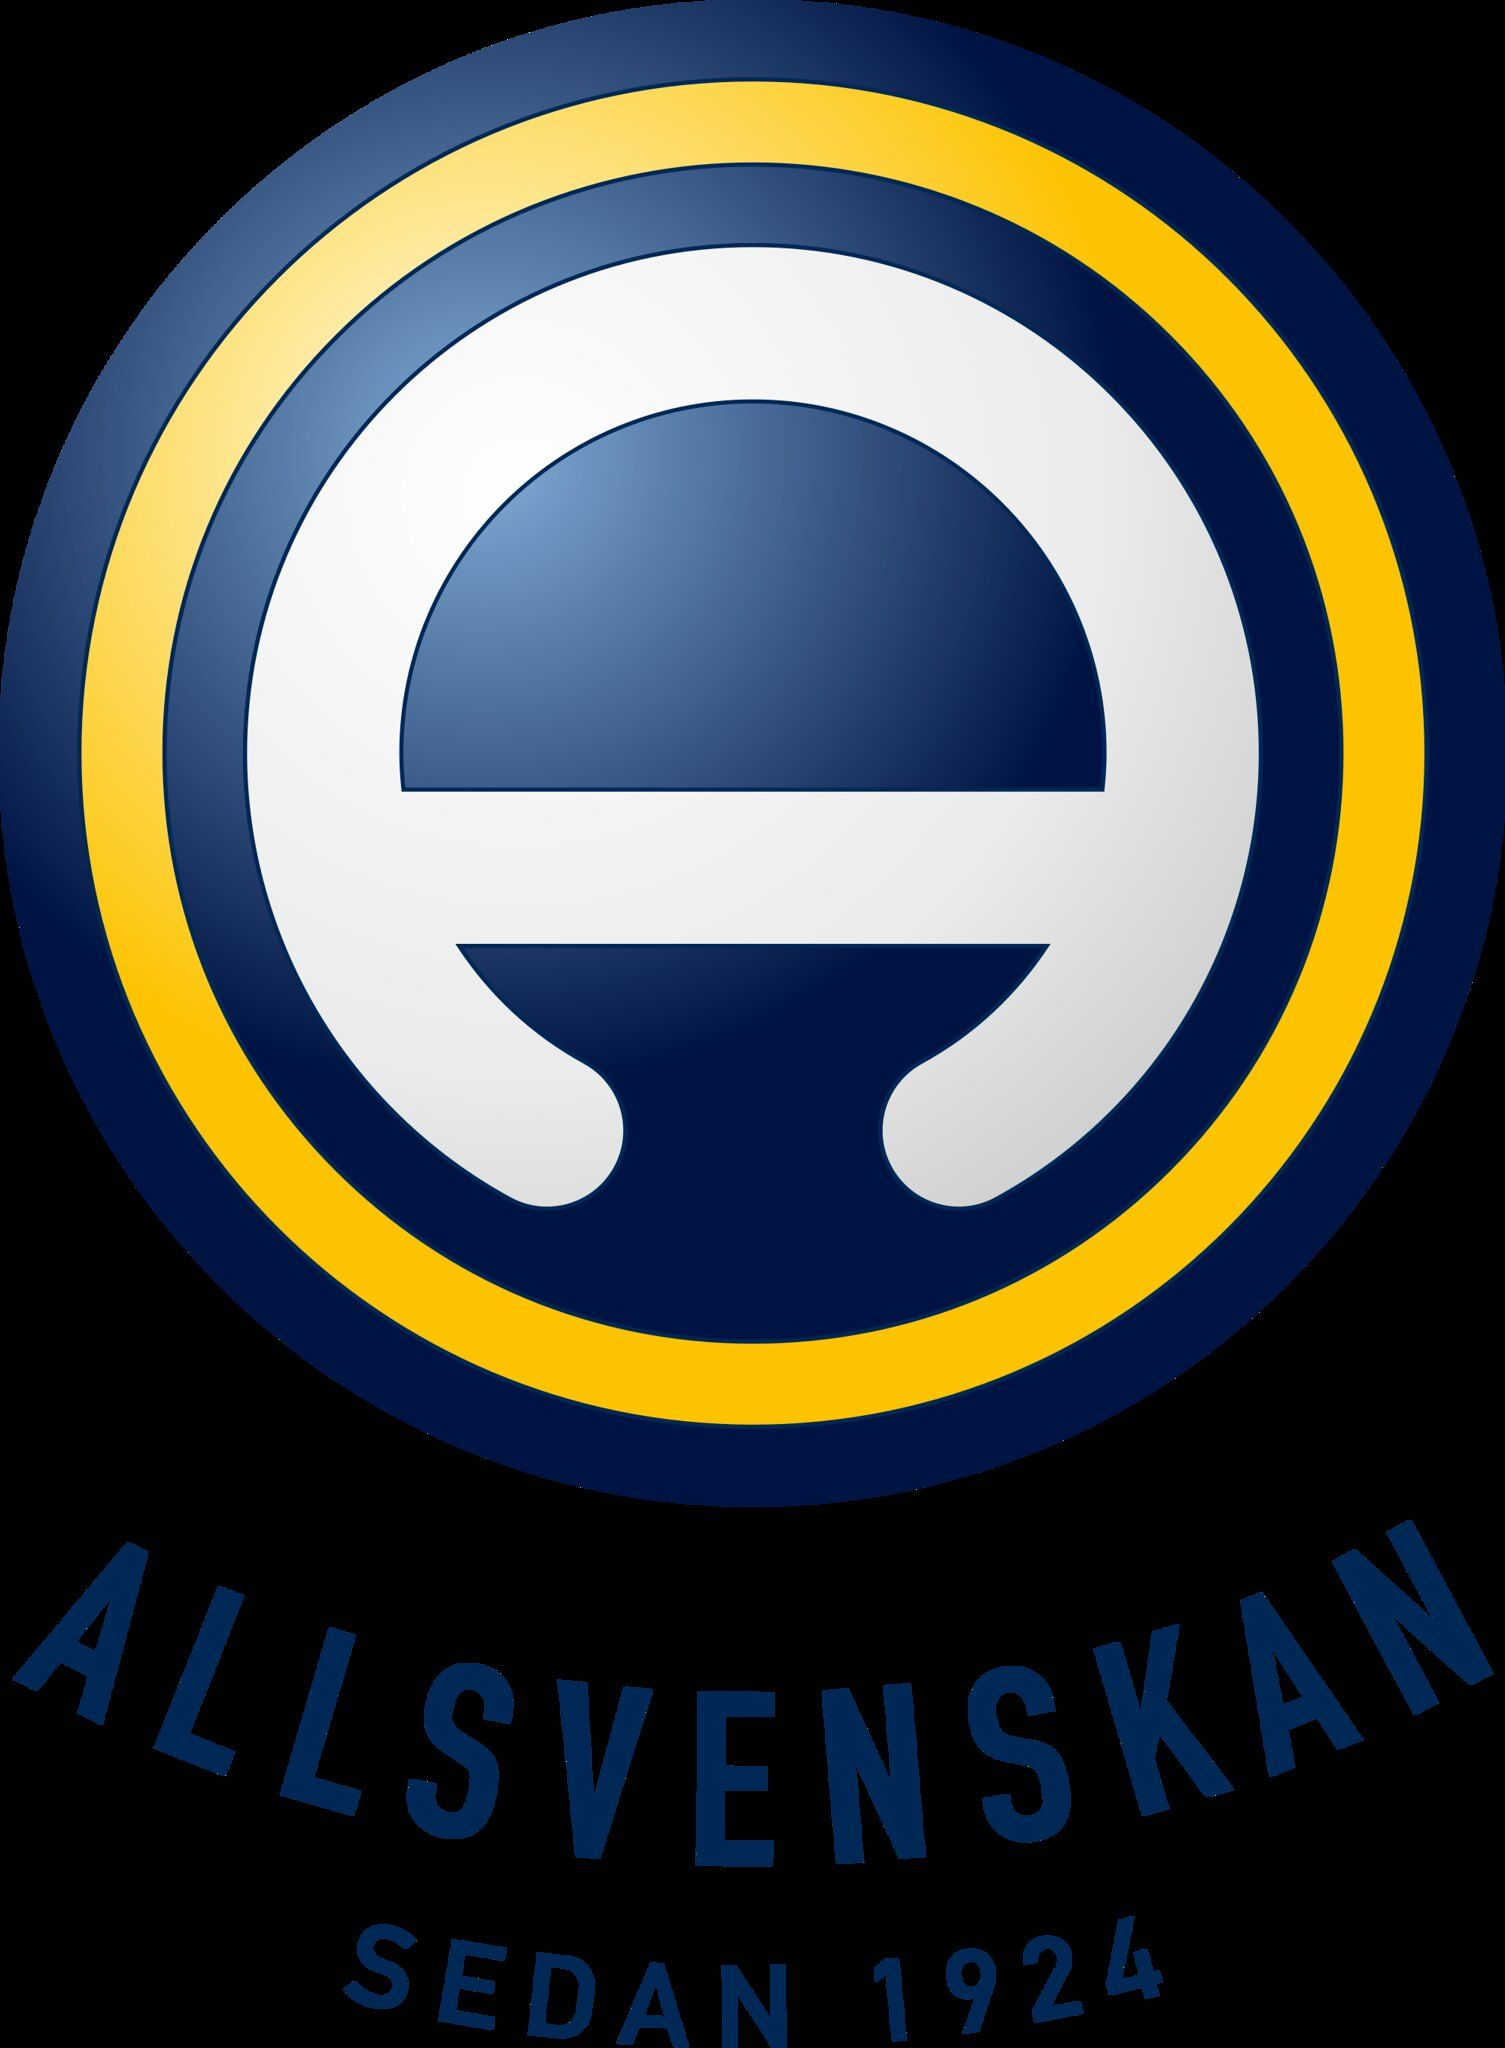 Allsvenskan Fotbollsallsvenskan Football Team Logos Soccer Logo Team Badge